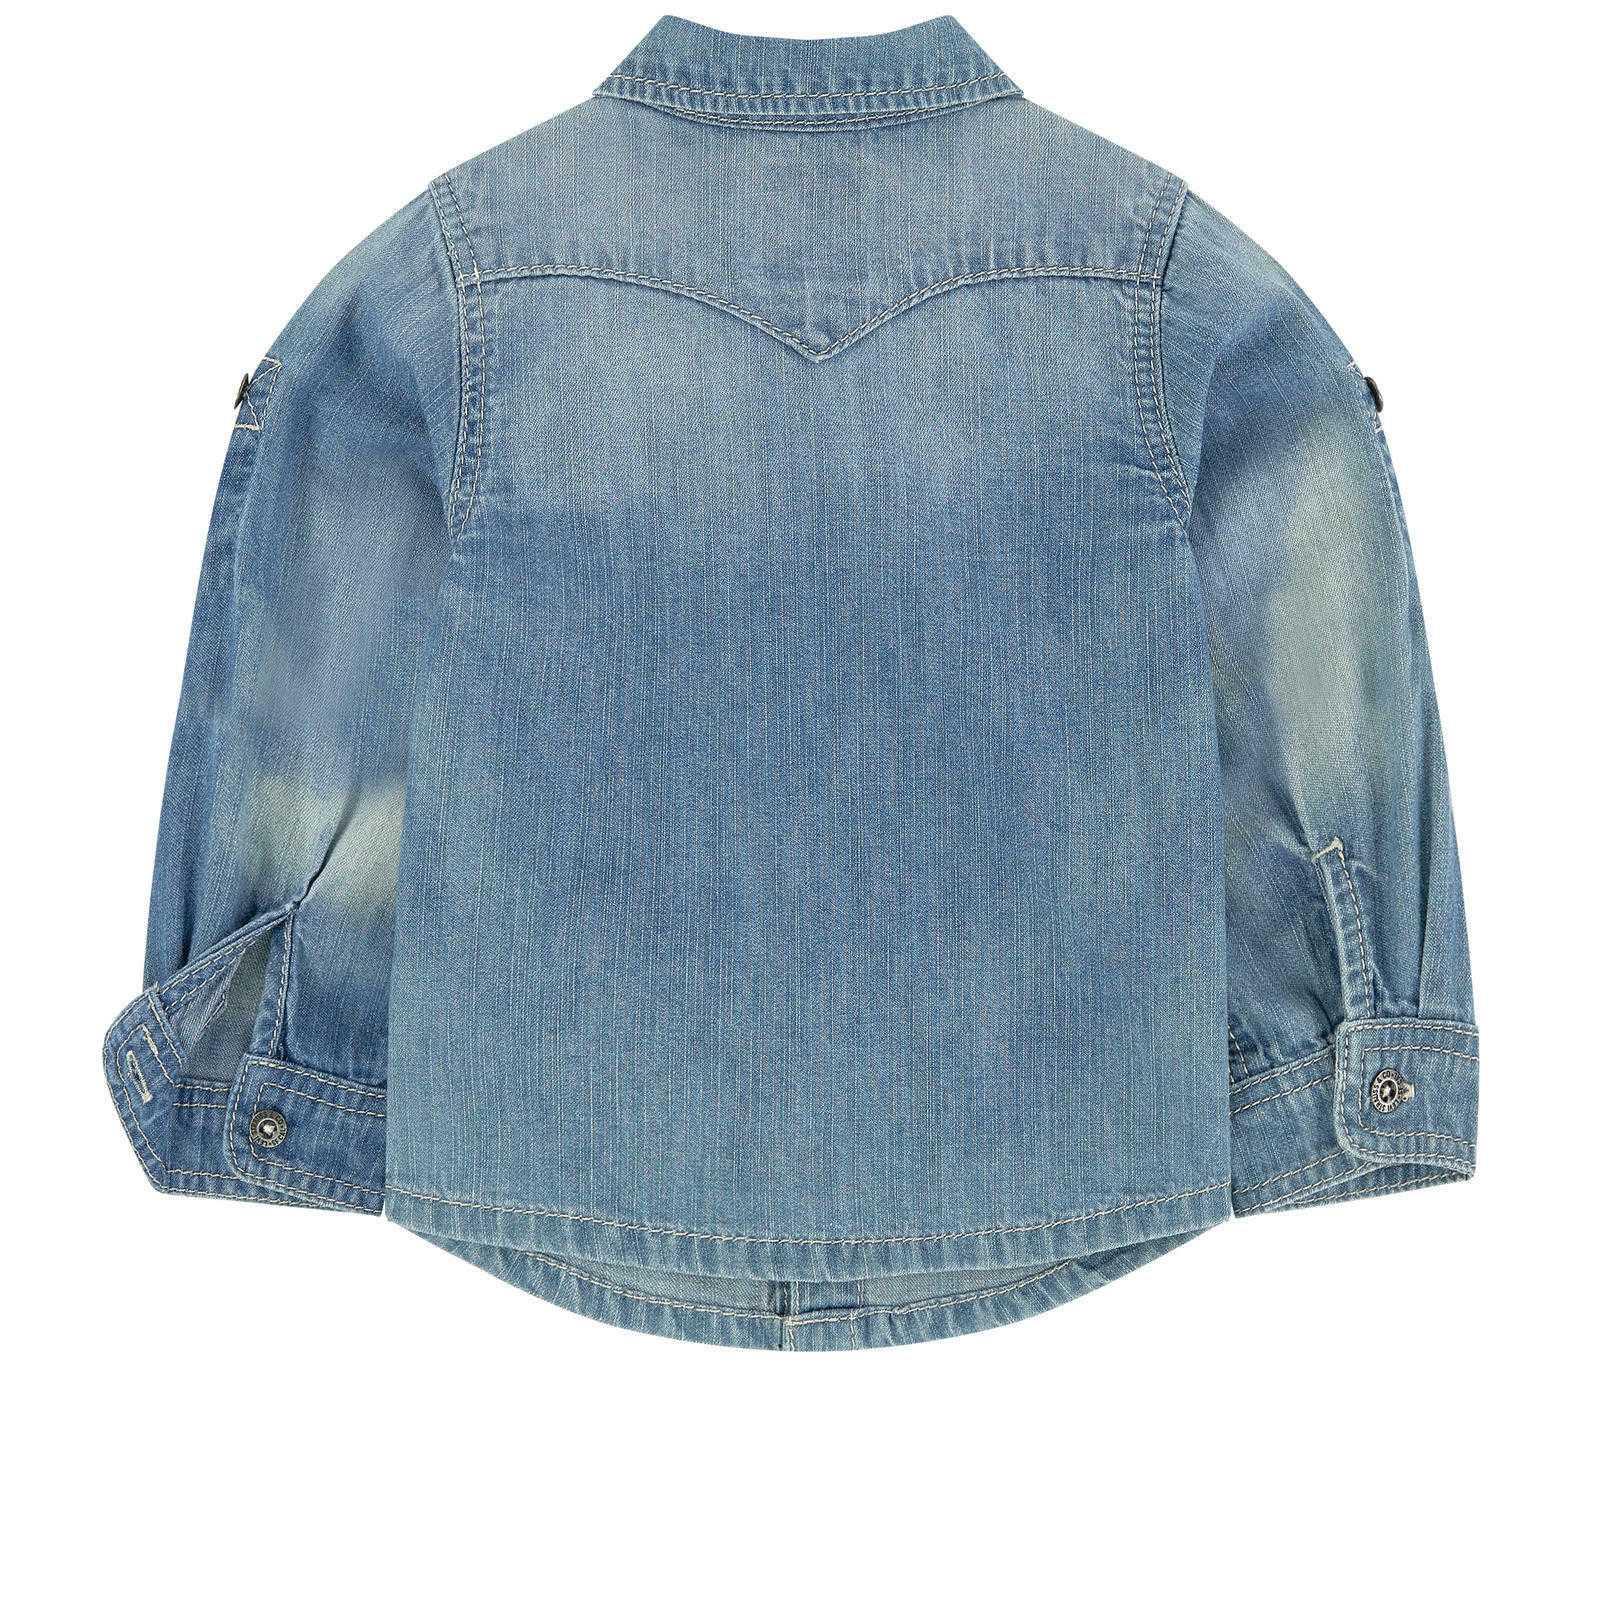 designer fashion 722b8 baa41 LEVI'S CAMICIA JEANS BAMBINO NUOVI ARRIVI AUTUNNO INVERNO 6 12 18 24 MESI